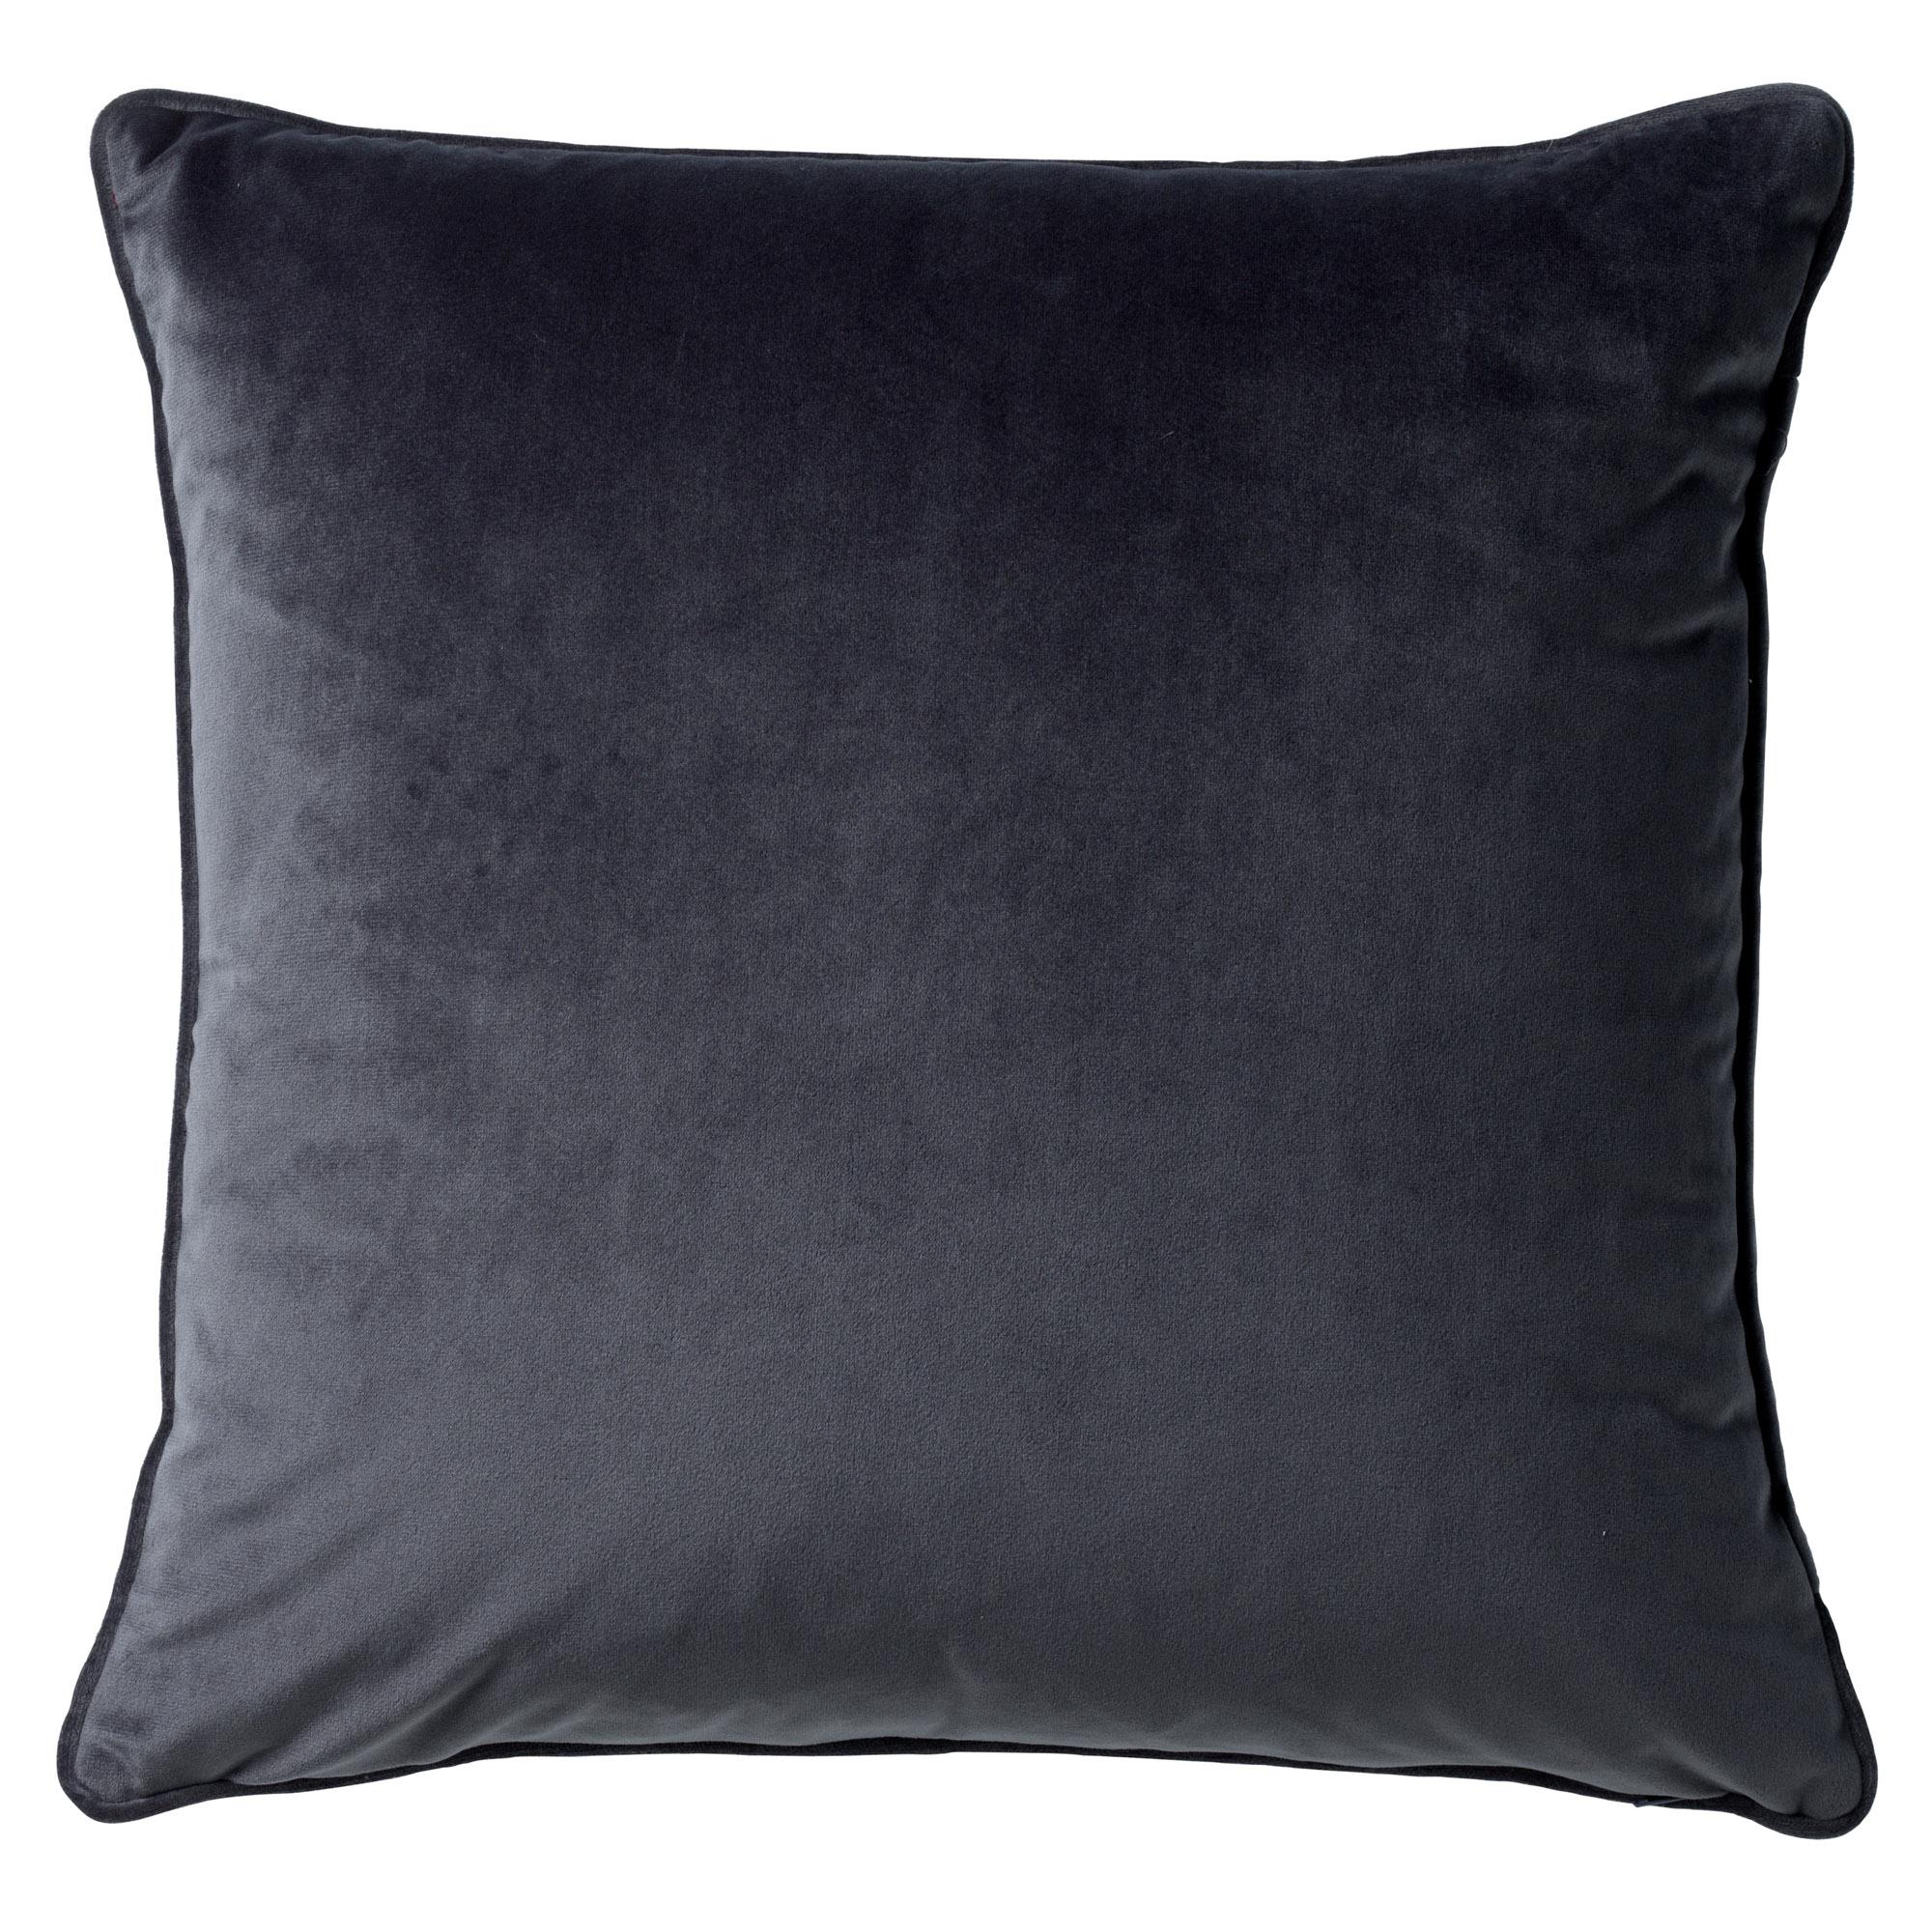 FINN - Sierkussen velvet Charcoal Grey 60x60 cm